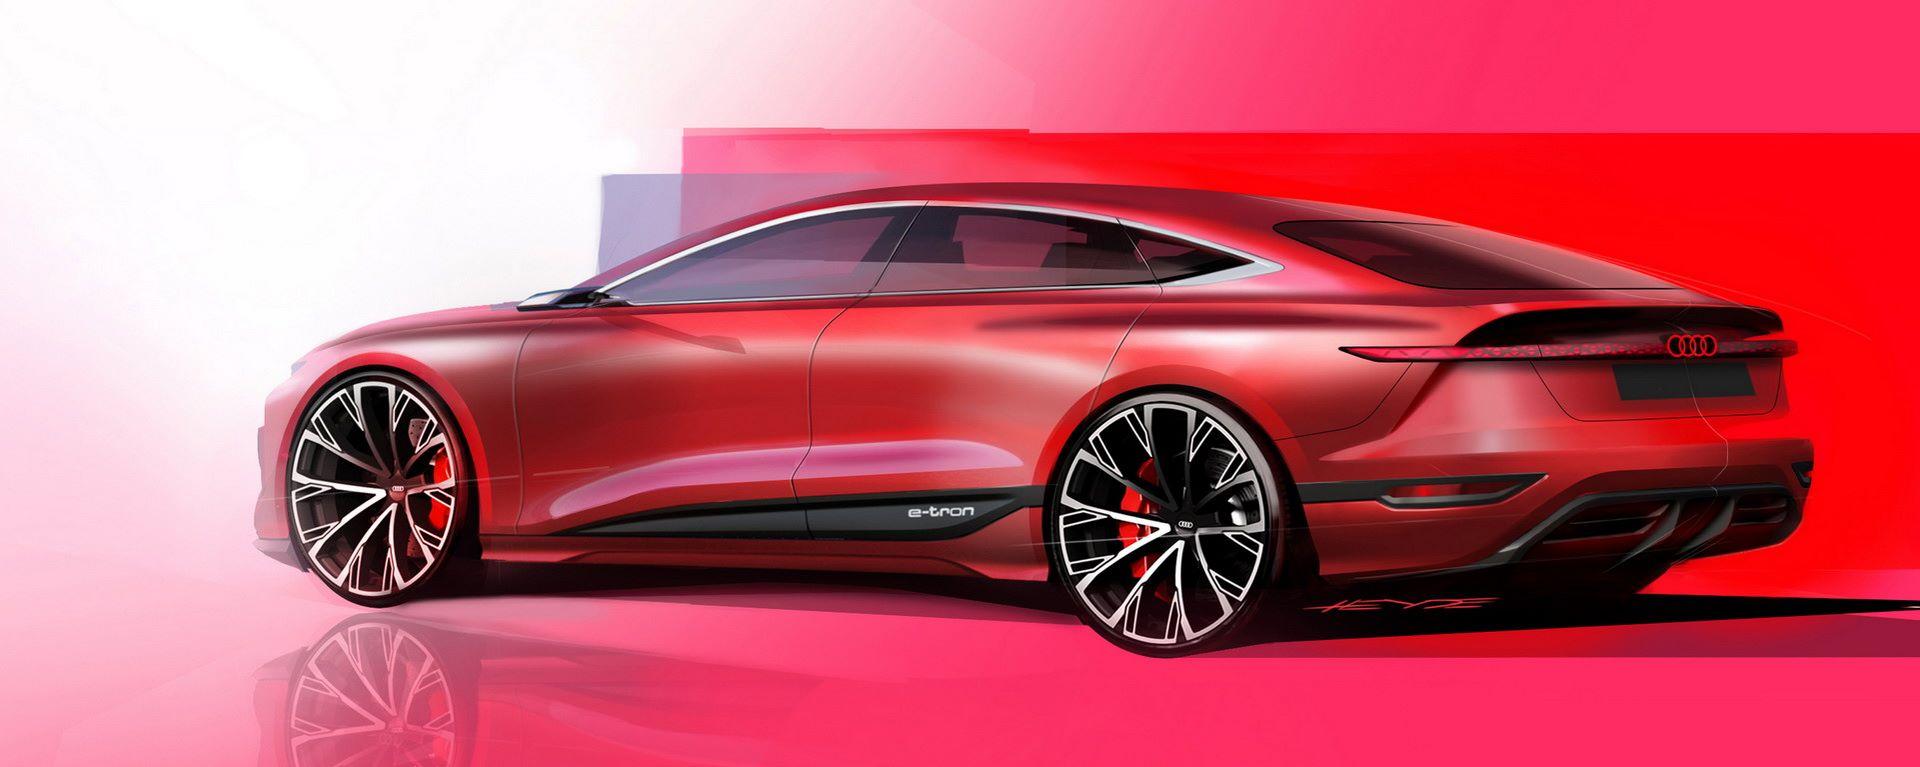 Audi-A6-e-tron-concept-44